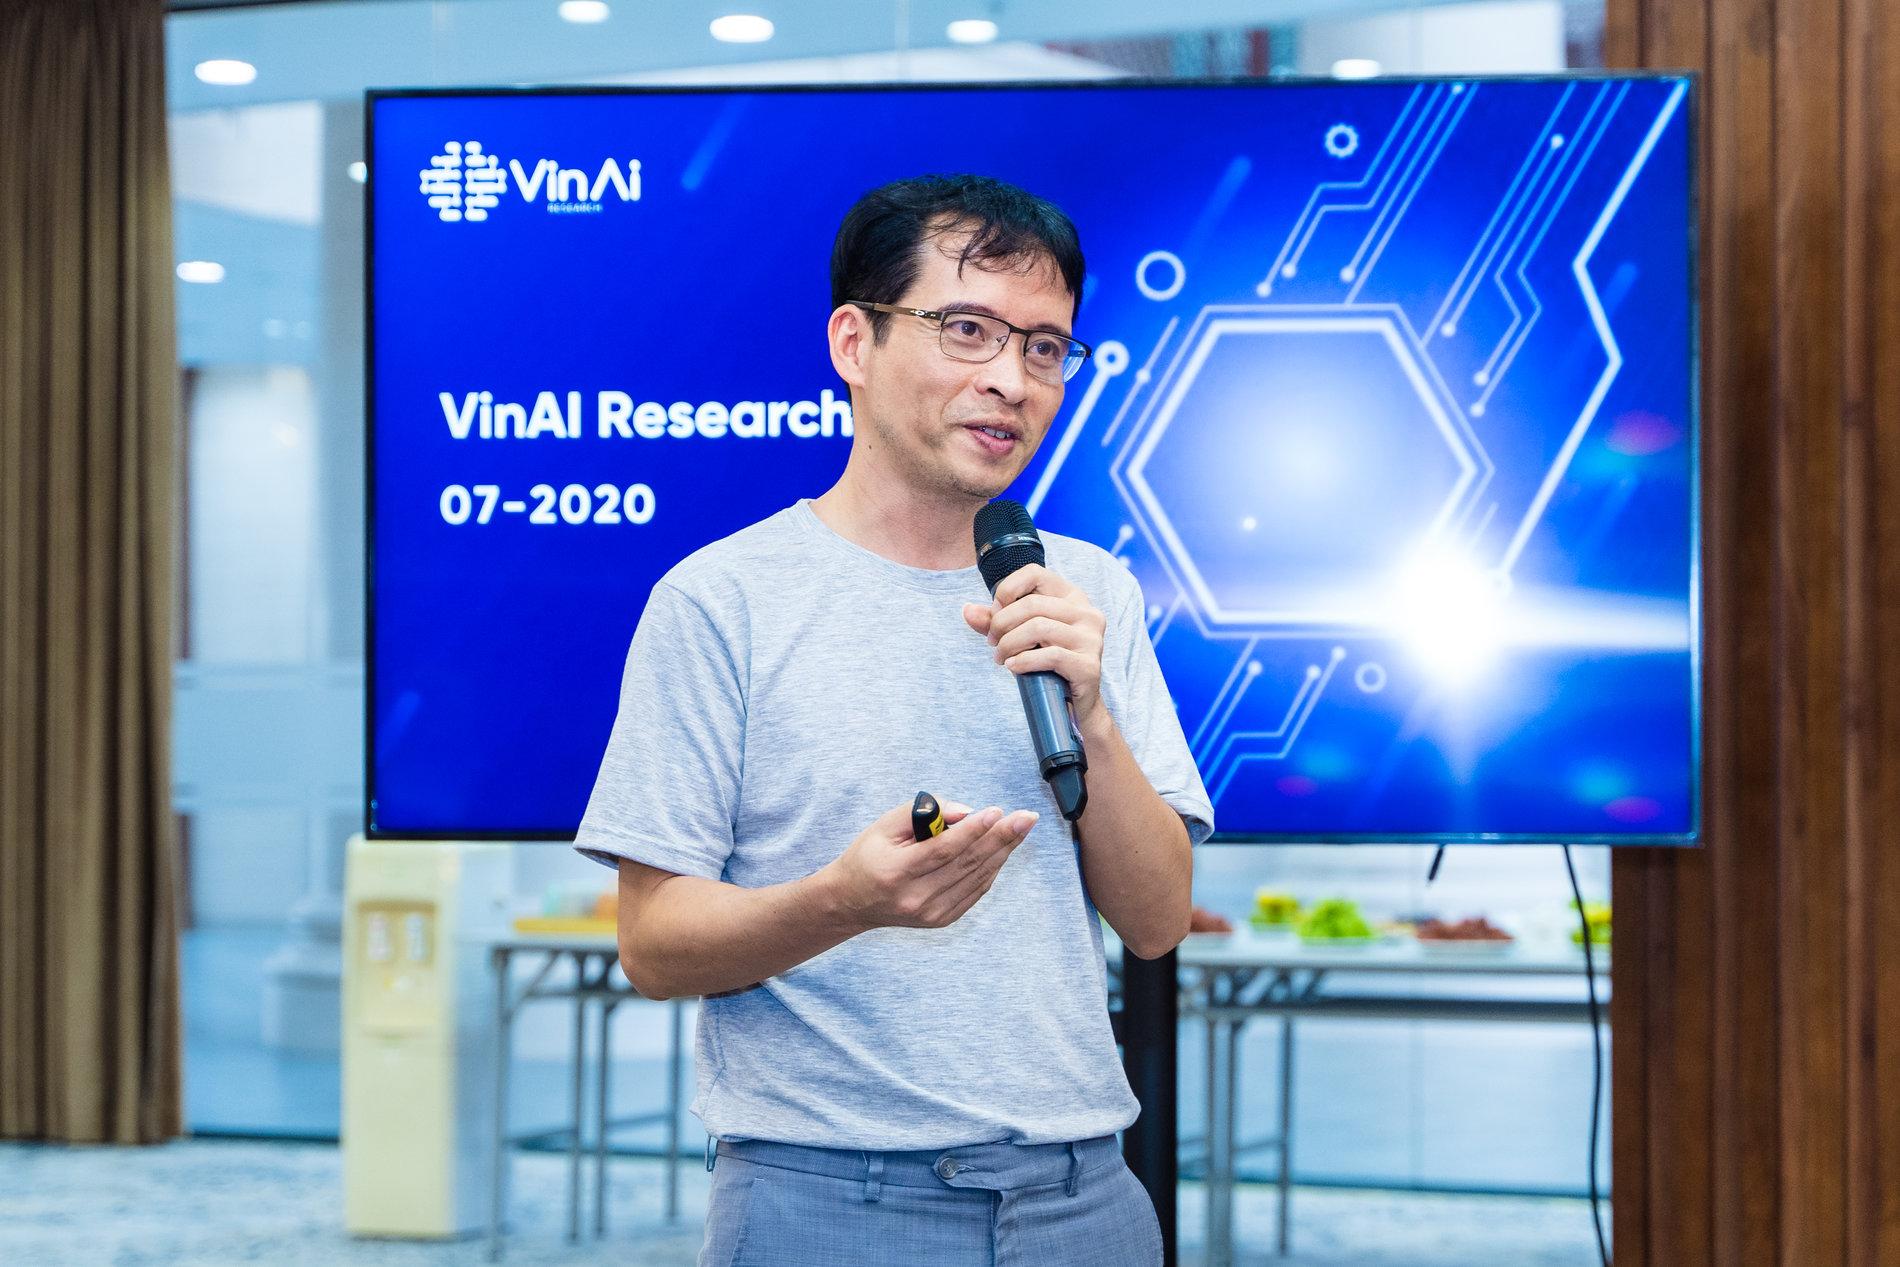 Vingroup vào top 30 tại hội nghị quốc tế về máy học ICML 2020  - ảnh 1